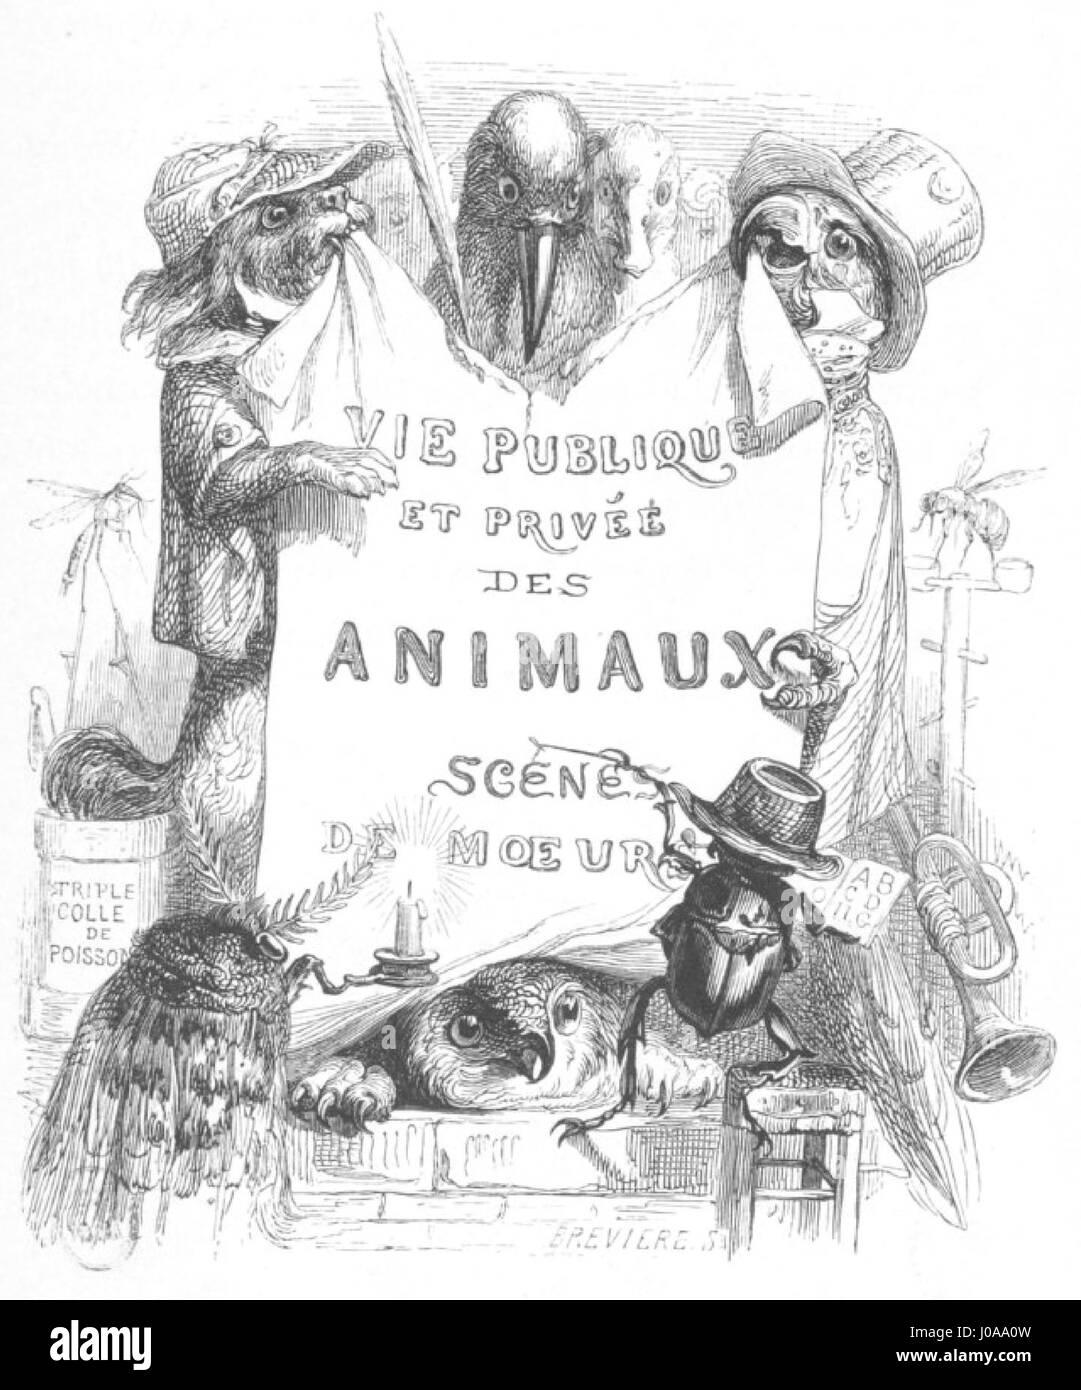 Scènes de la vie privée et publique des animaux, tome 1 0075 - Stock Image